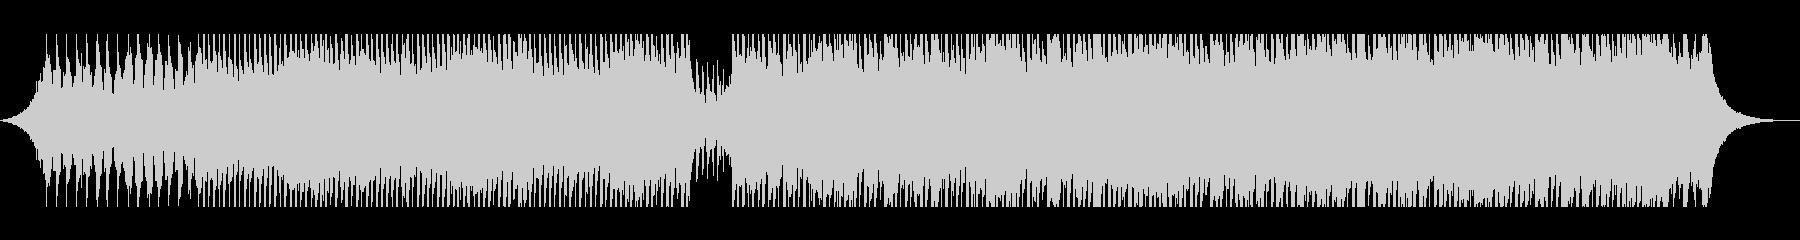 成功する動機(90秒)の未再生の波形